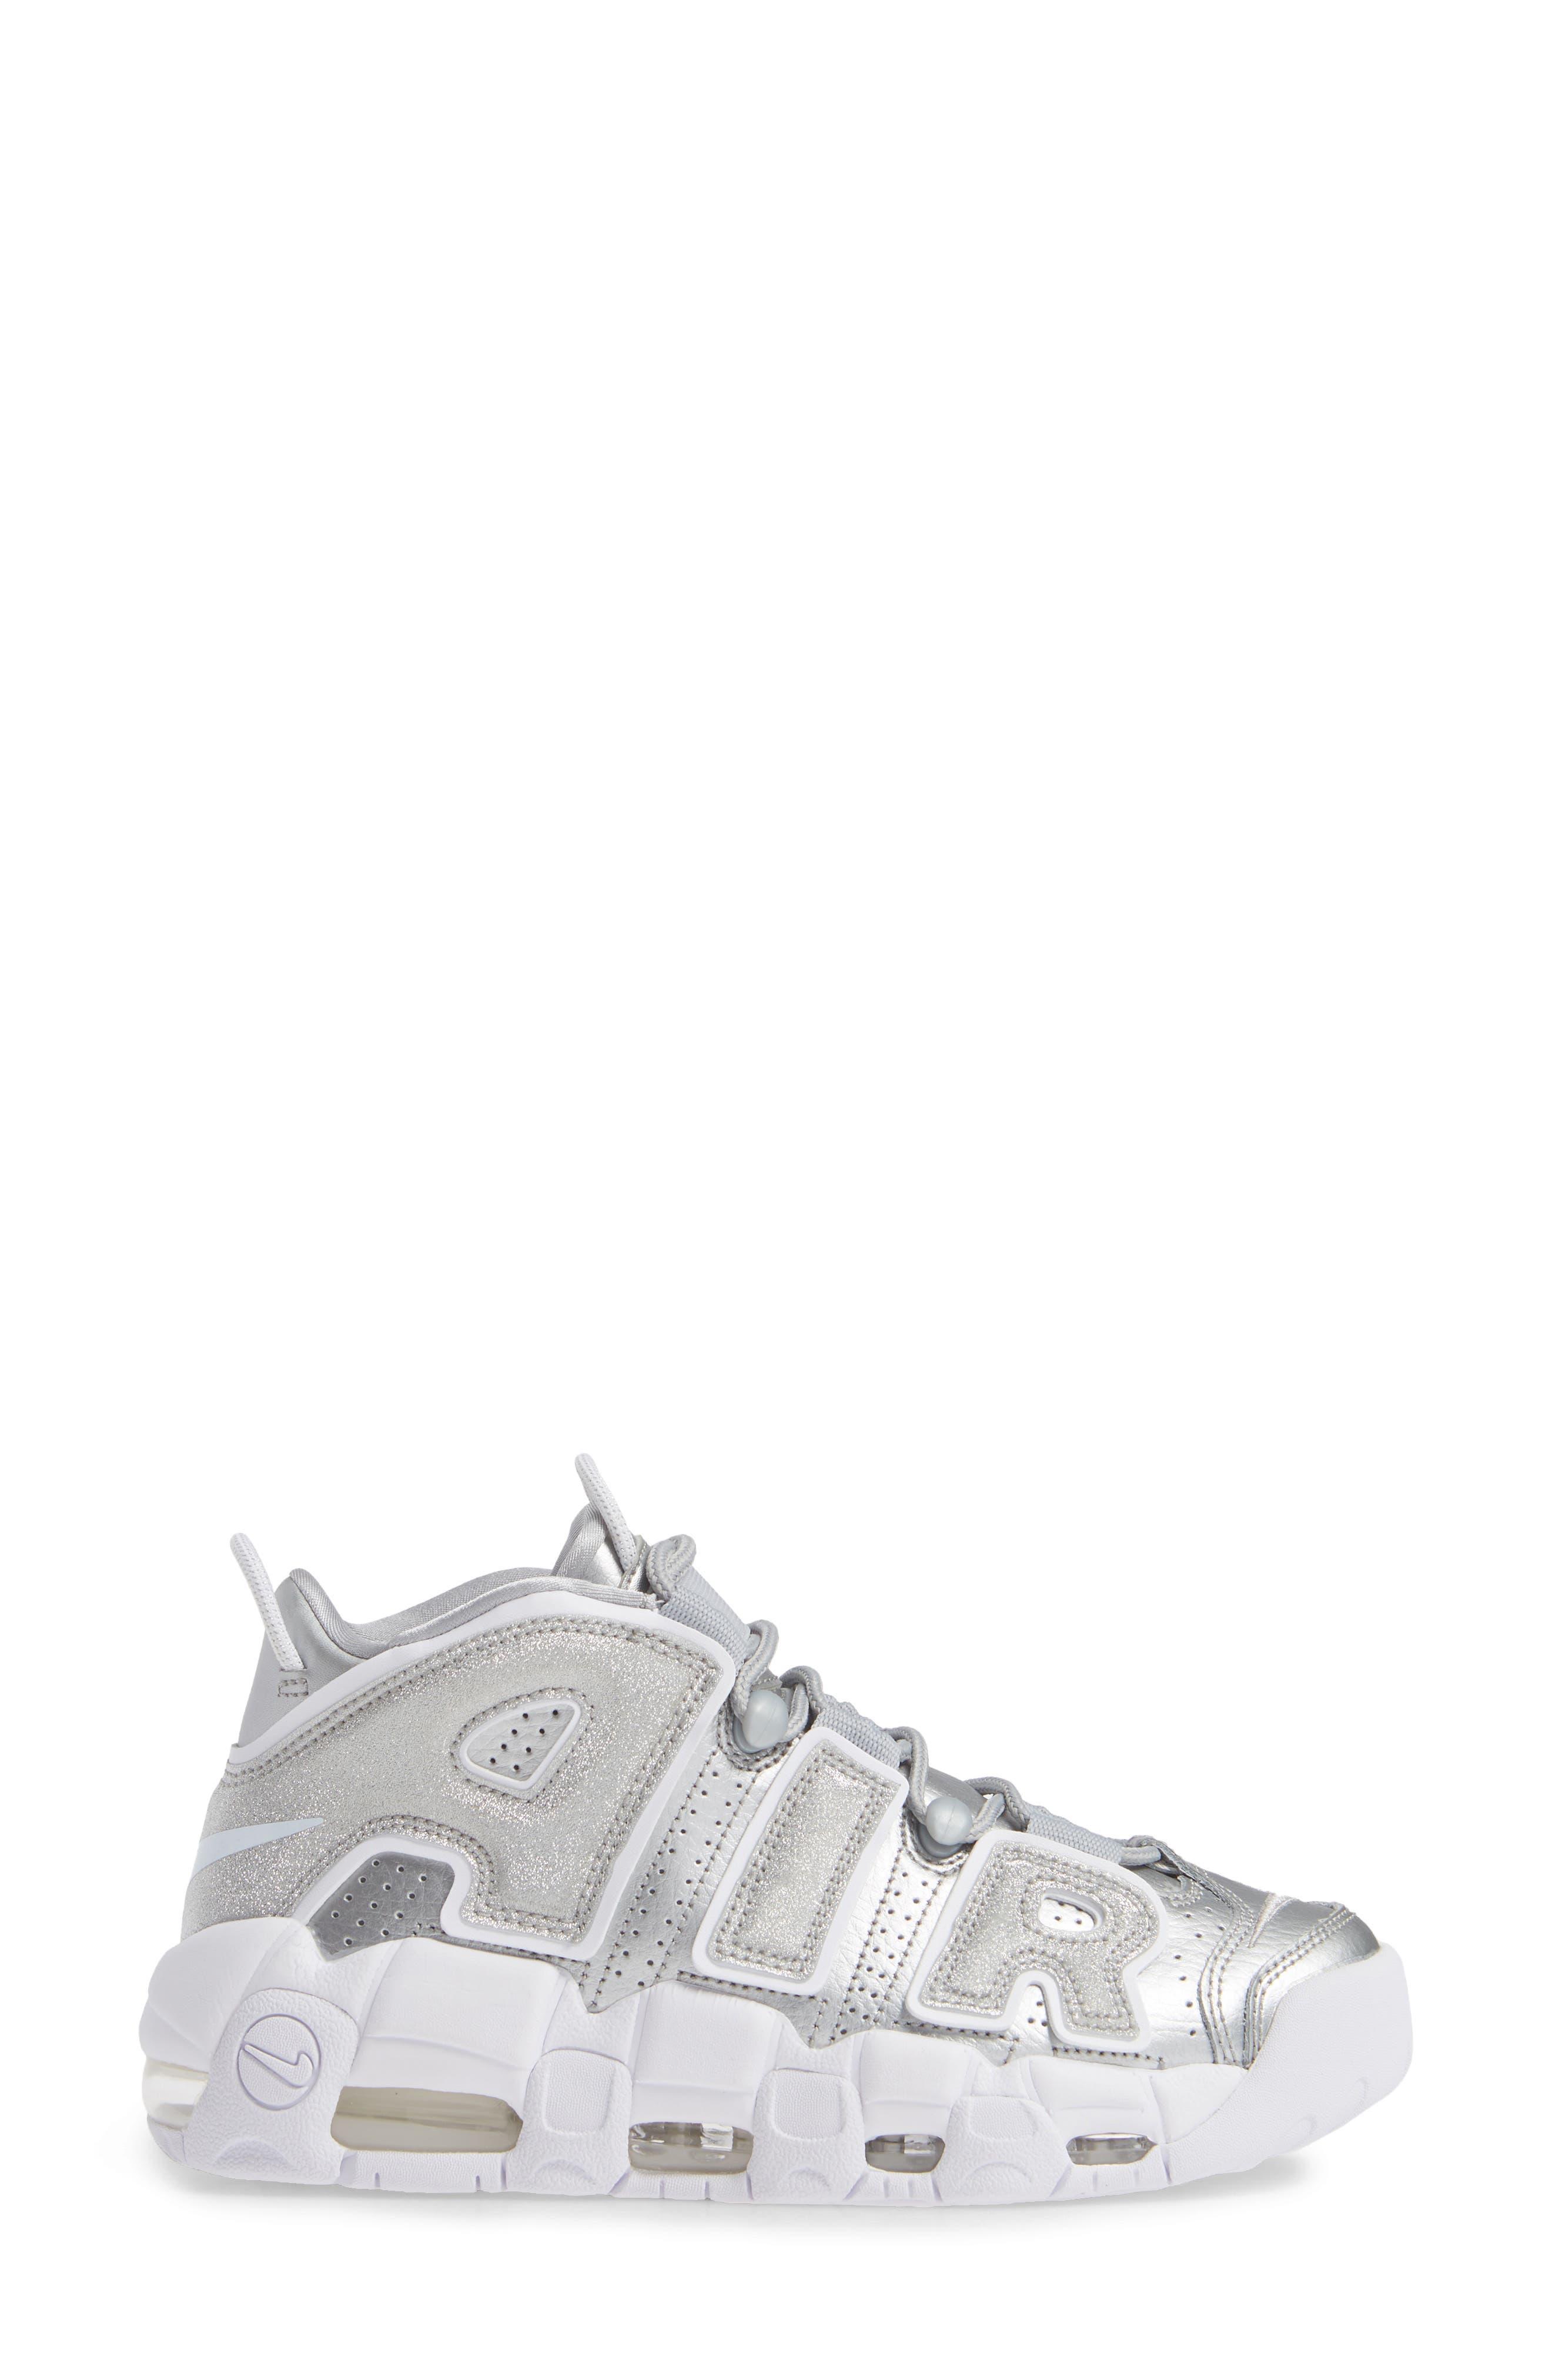 Air More Uptempo Sneaker,                             Alternate thumbnail 3, color,                             METALLIC SILVER